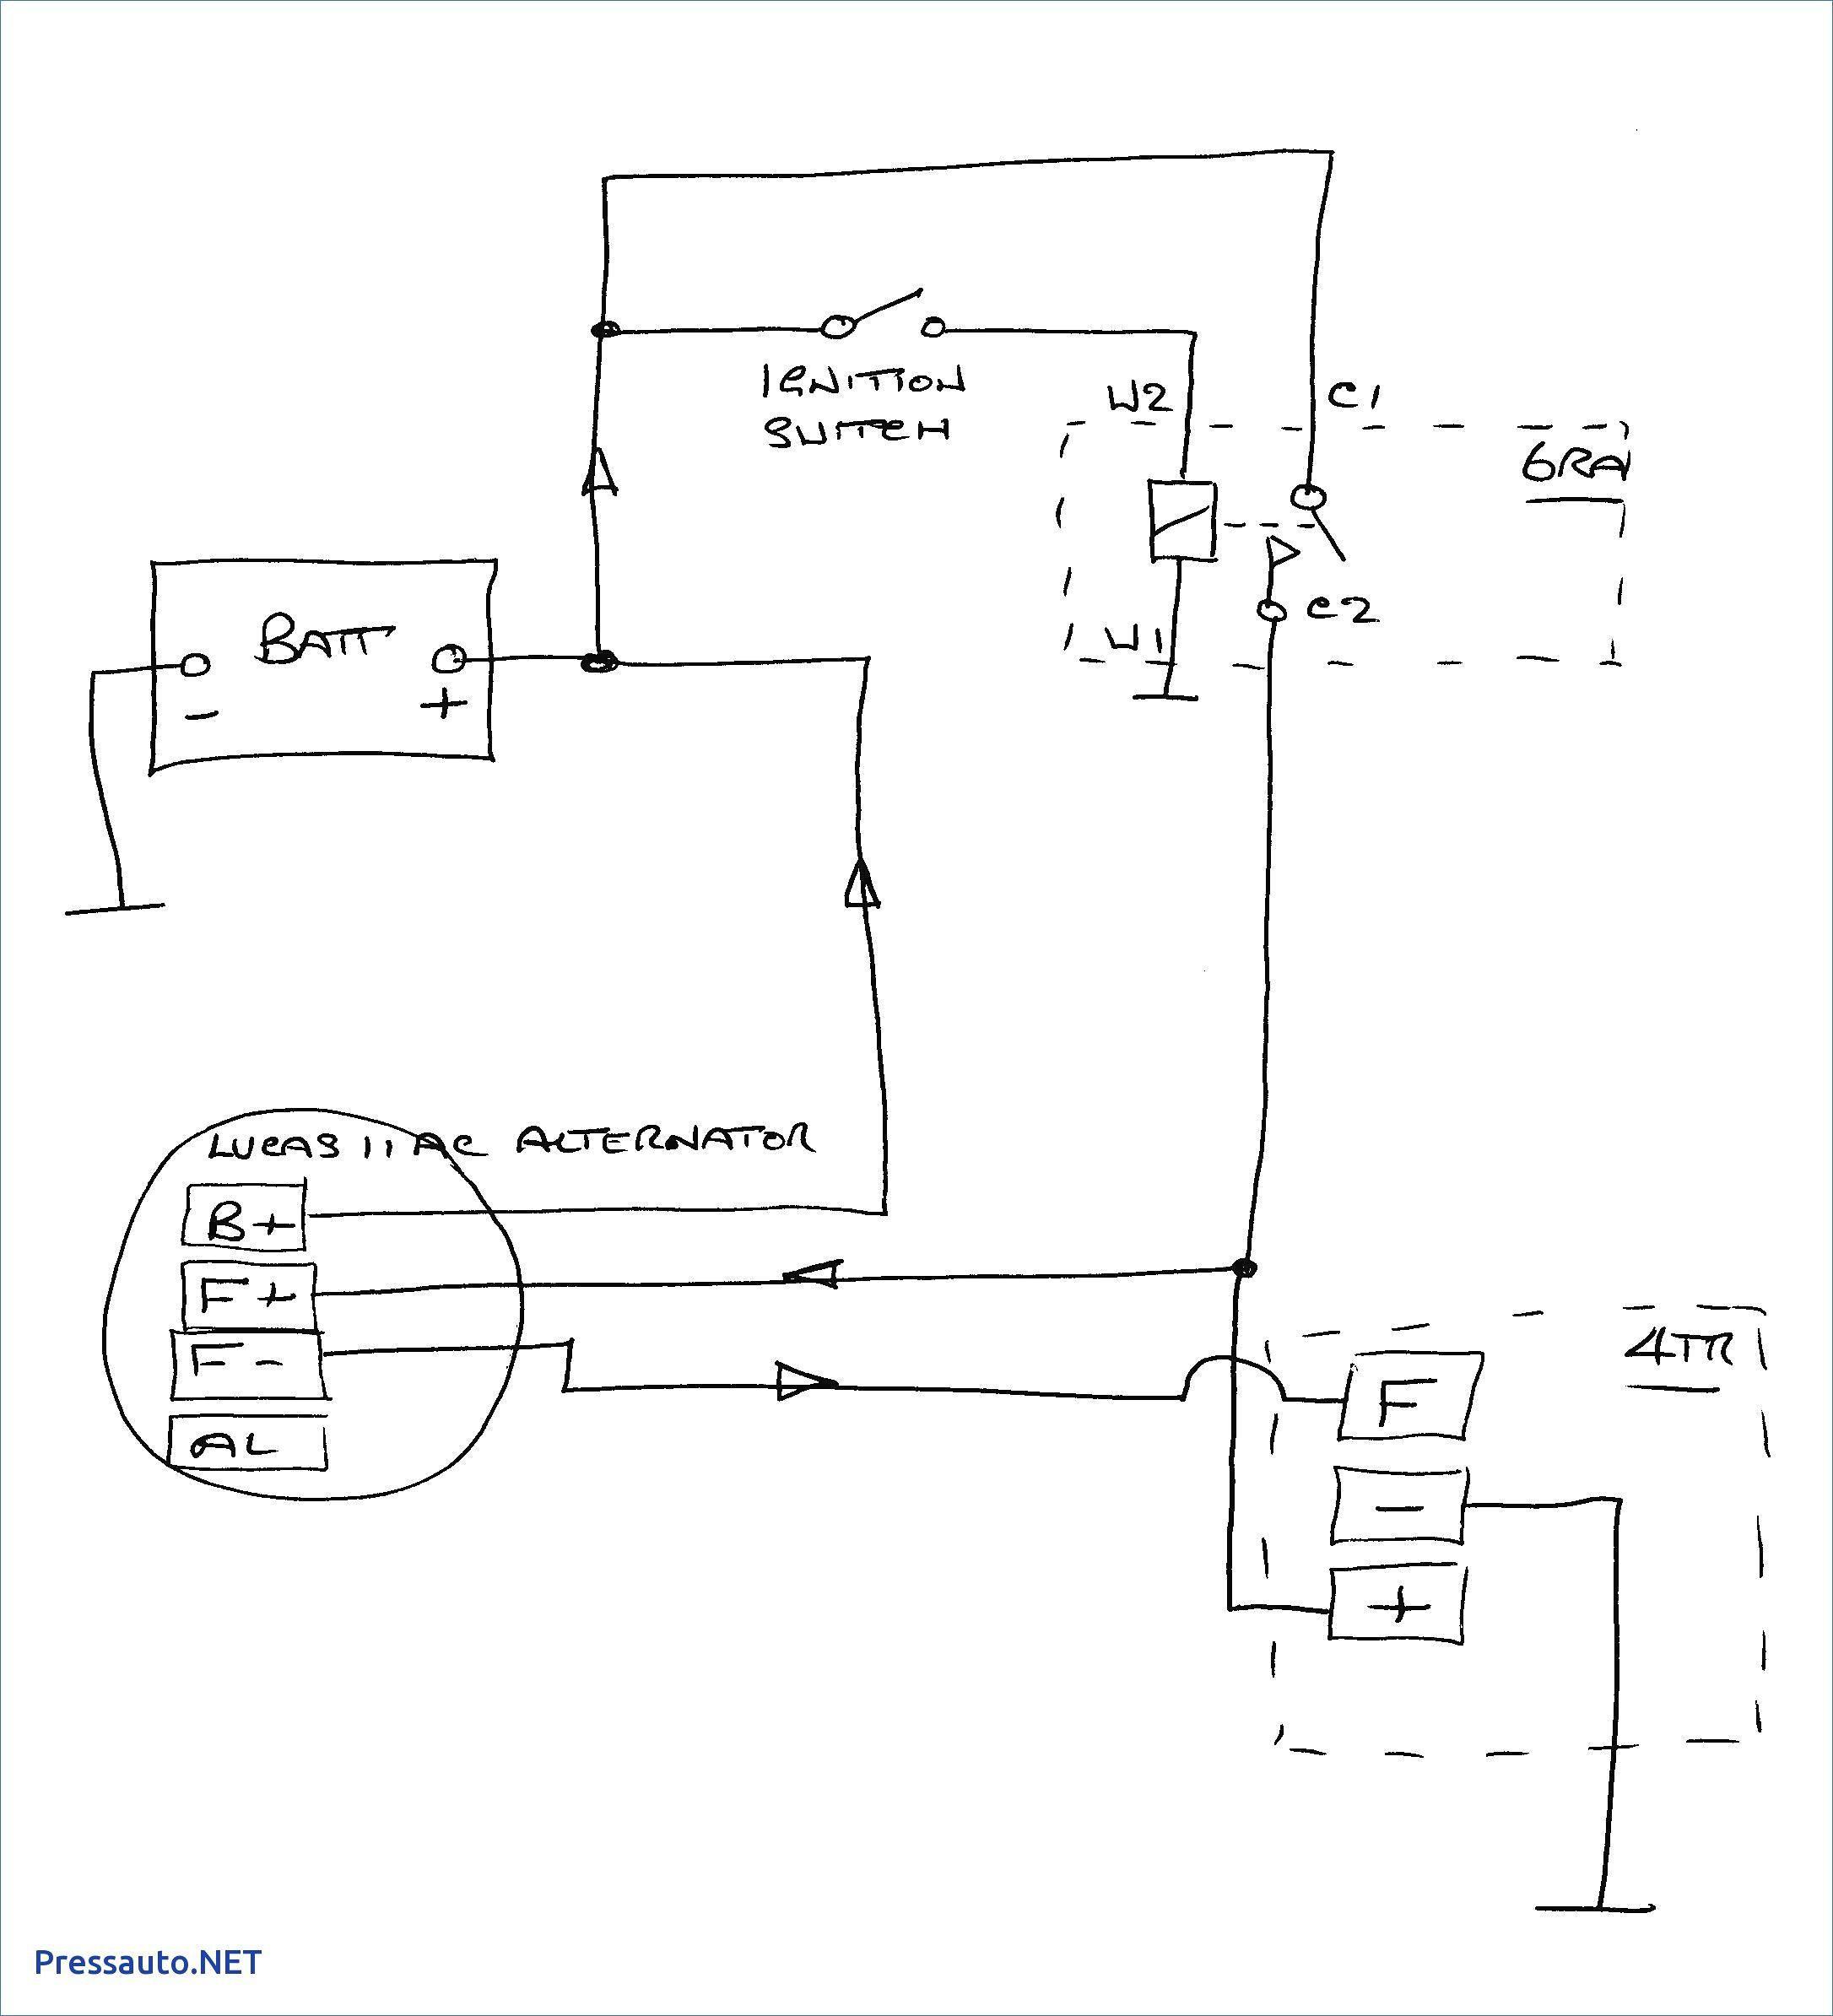 Gm 4 Wire Alternator Wiring Diagram Best Of Gm 2 Wire Alternator - Gm 2 Wire Alternator Wiring Diagram